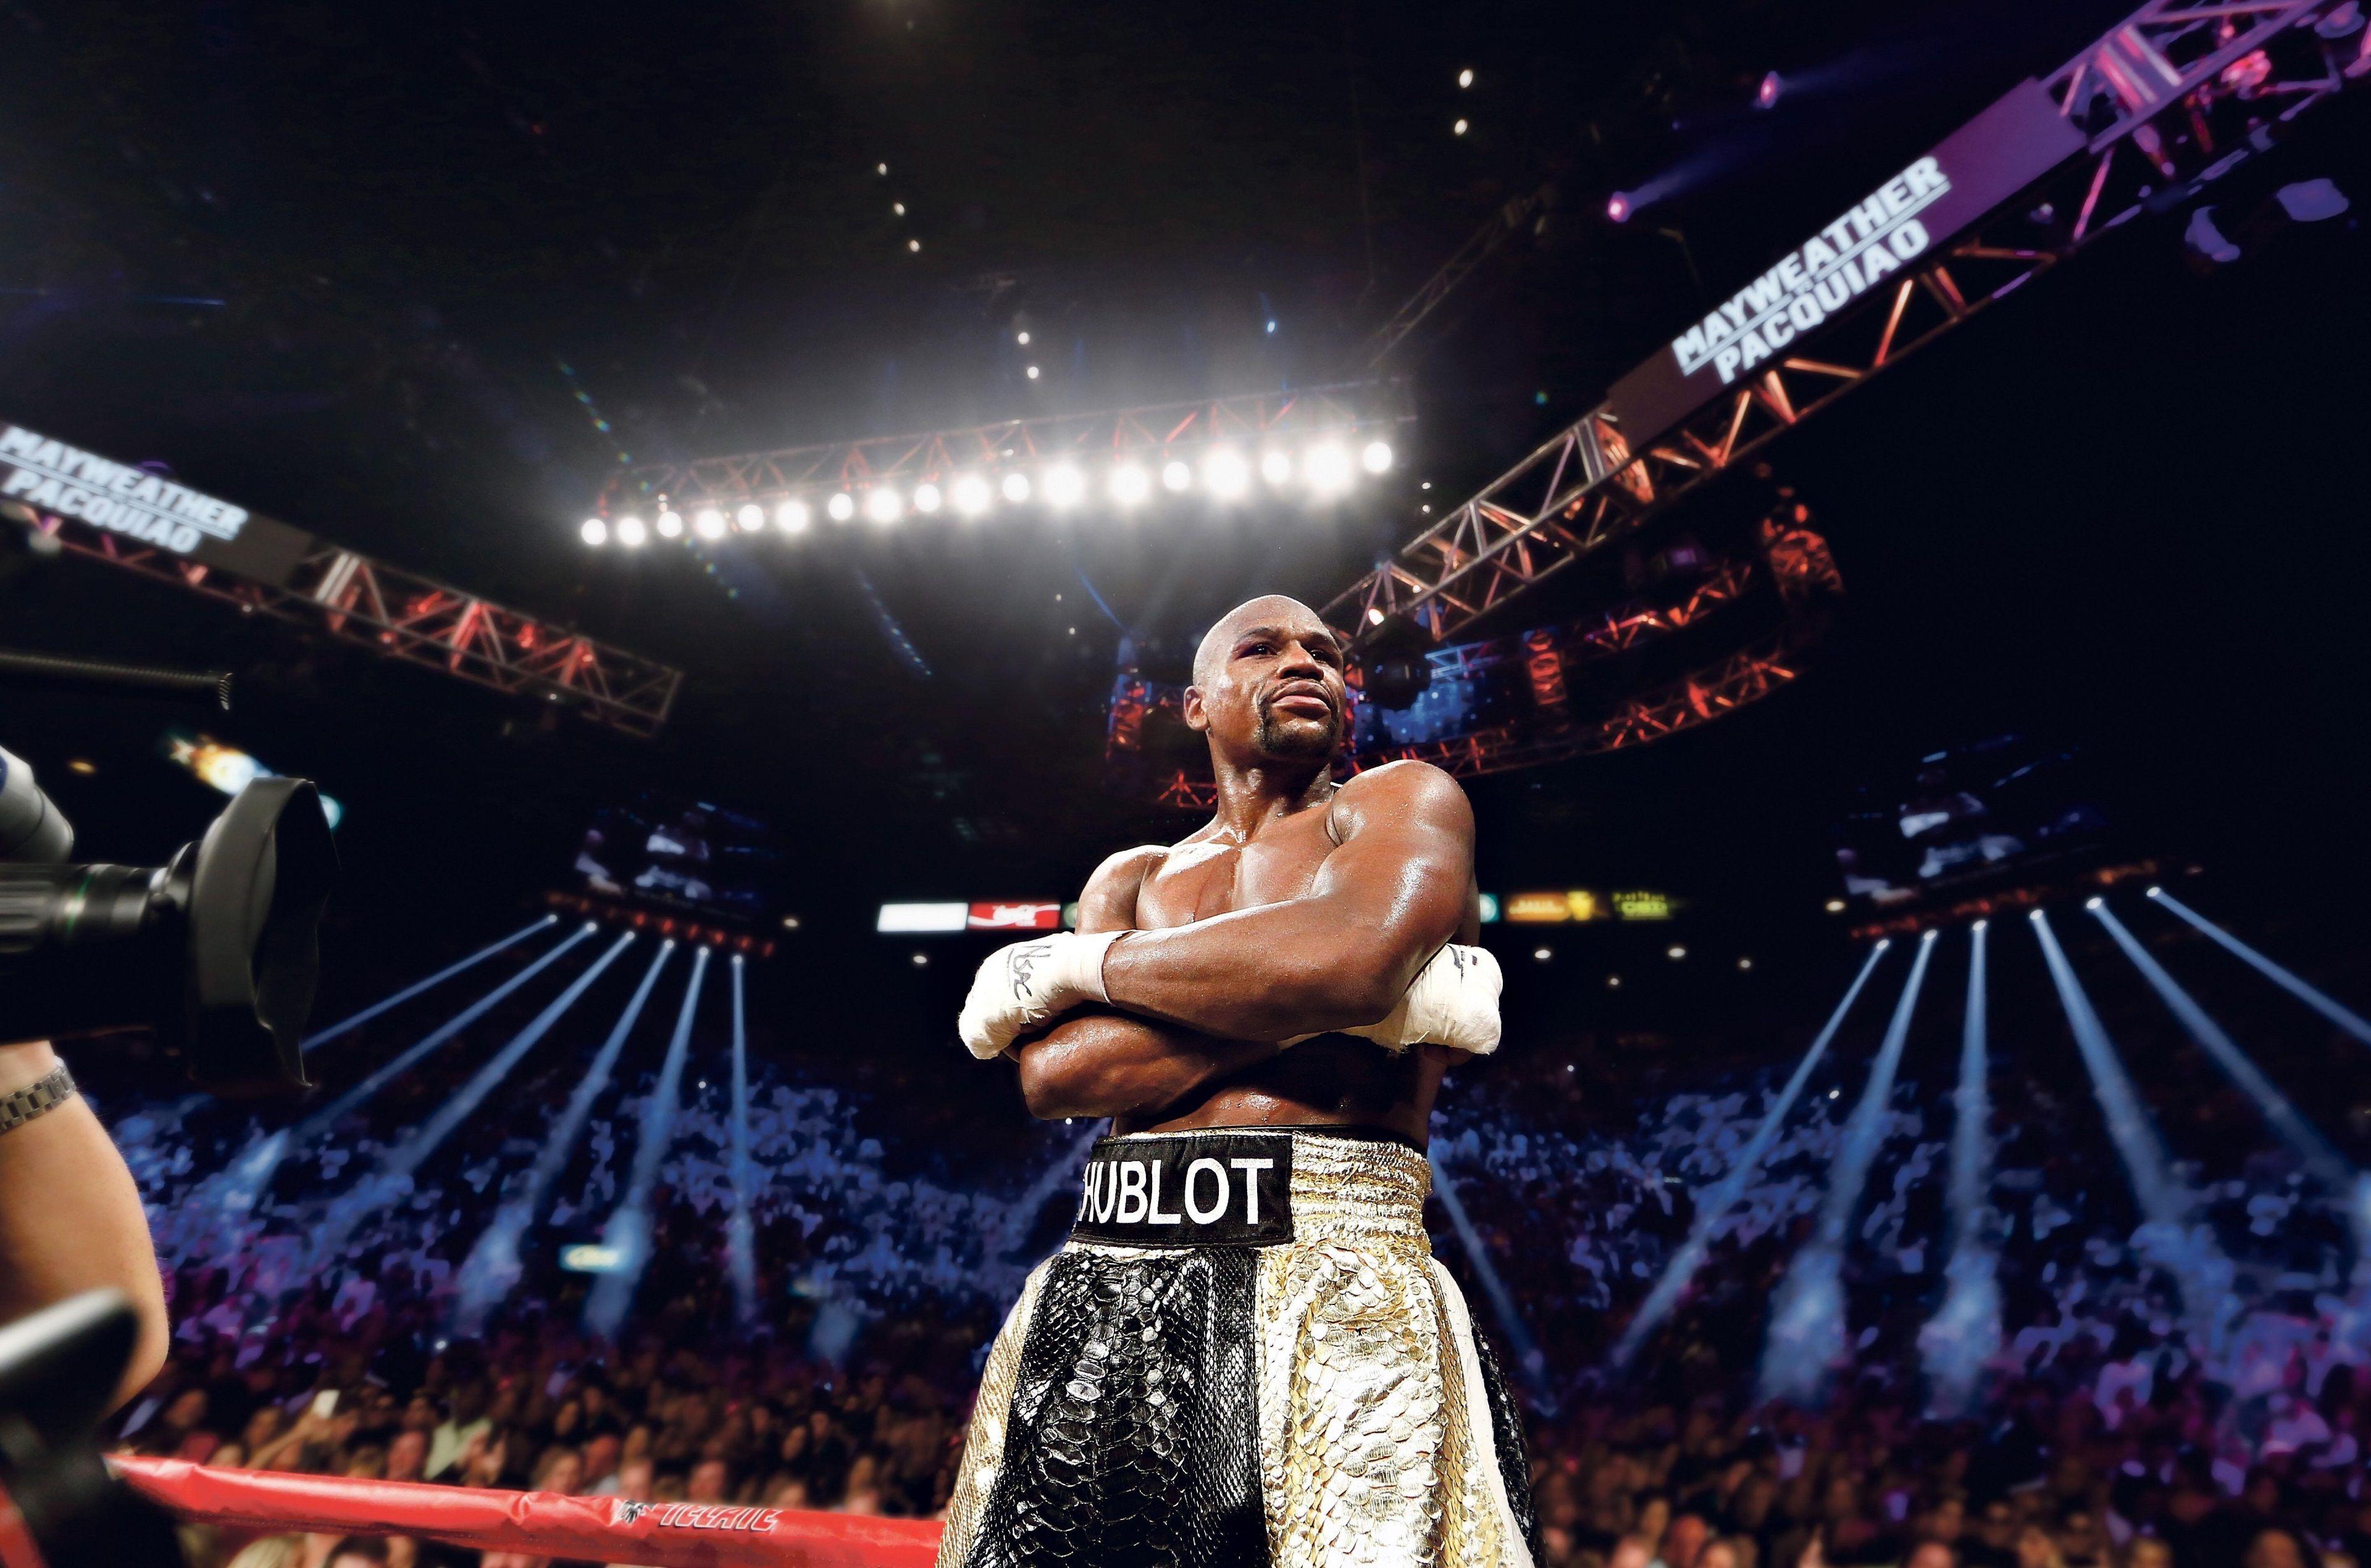 3840x2540 Floyd Mayweather 4k Nice Wallpaper Hd Floyd Mayweather Floyd Mayweather Boxing Hd Cool Wallpapers